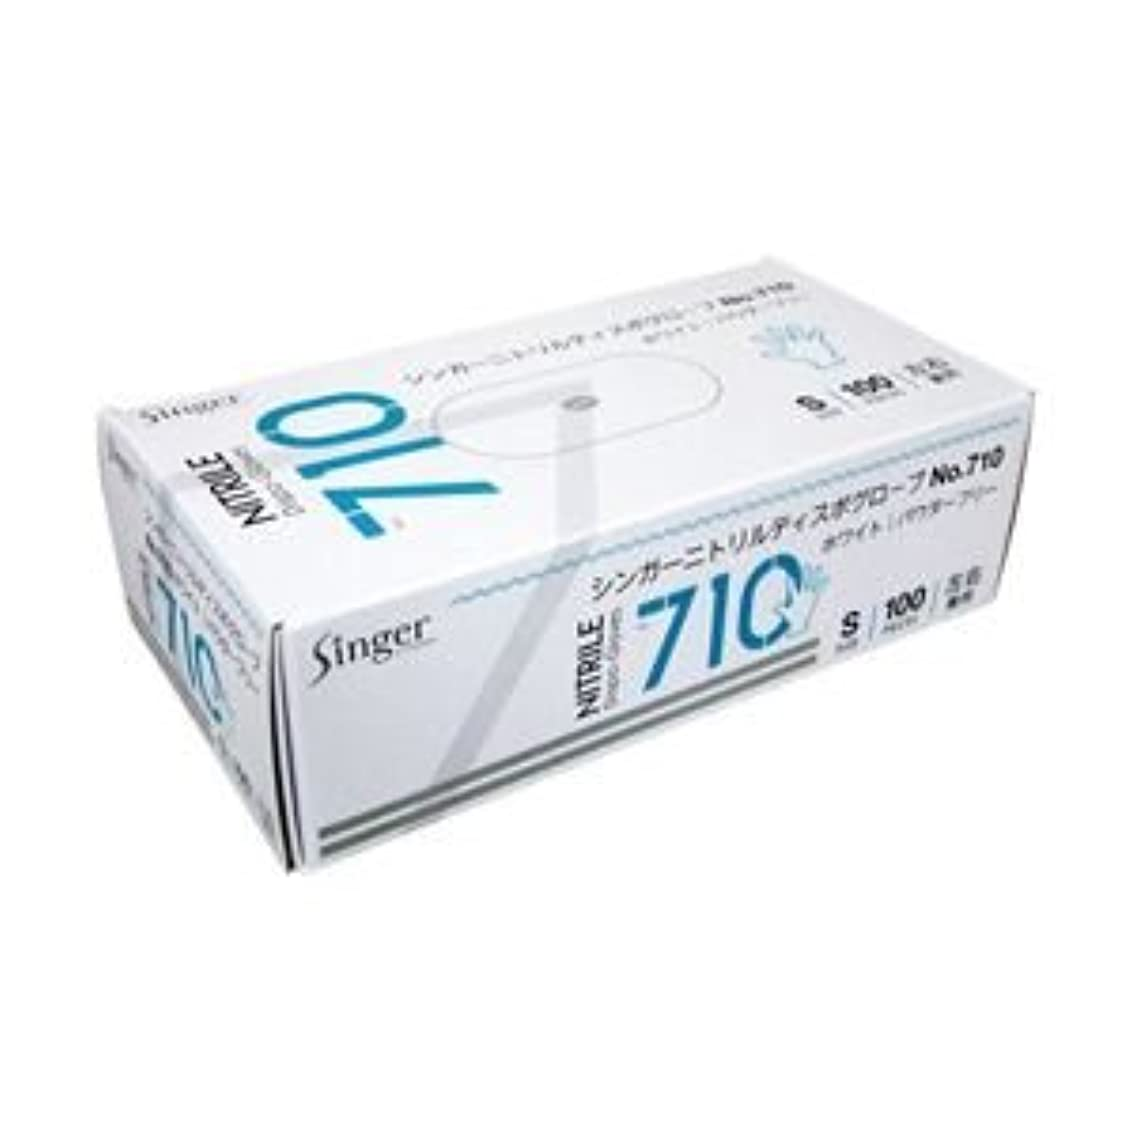 心のこもった黒板火曜日宇都宮製作 ニトリル手袋710 粉なし S 1箱(100枚) ×5セット